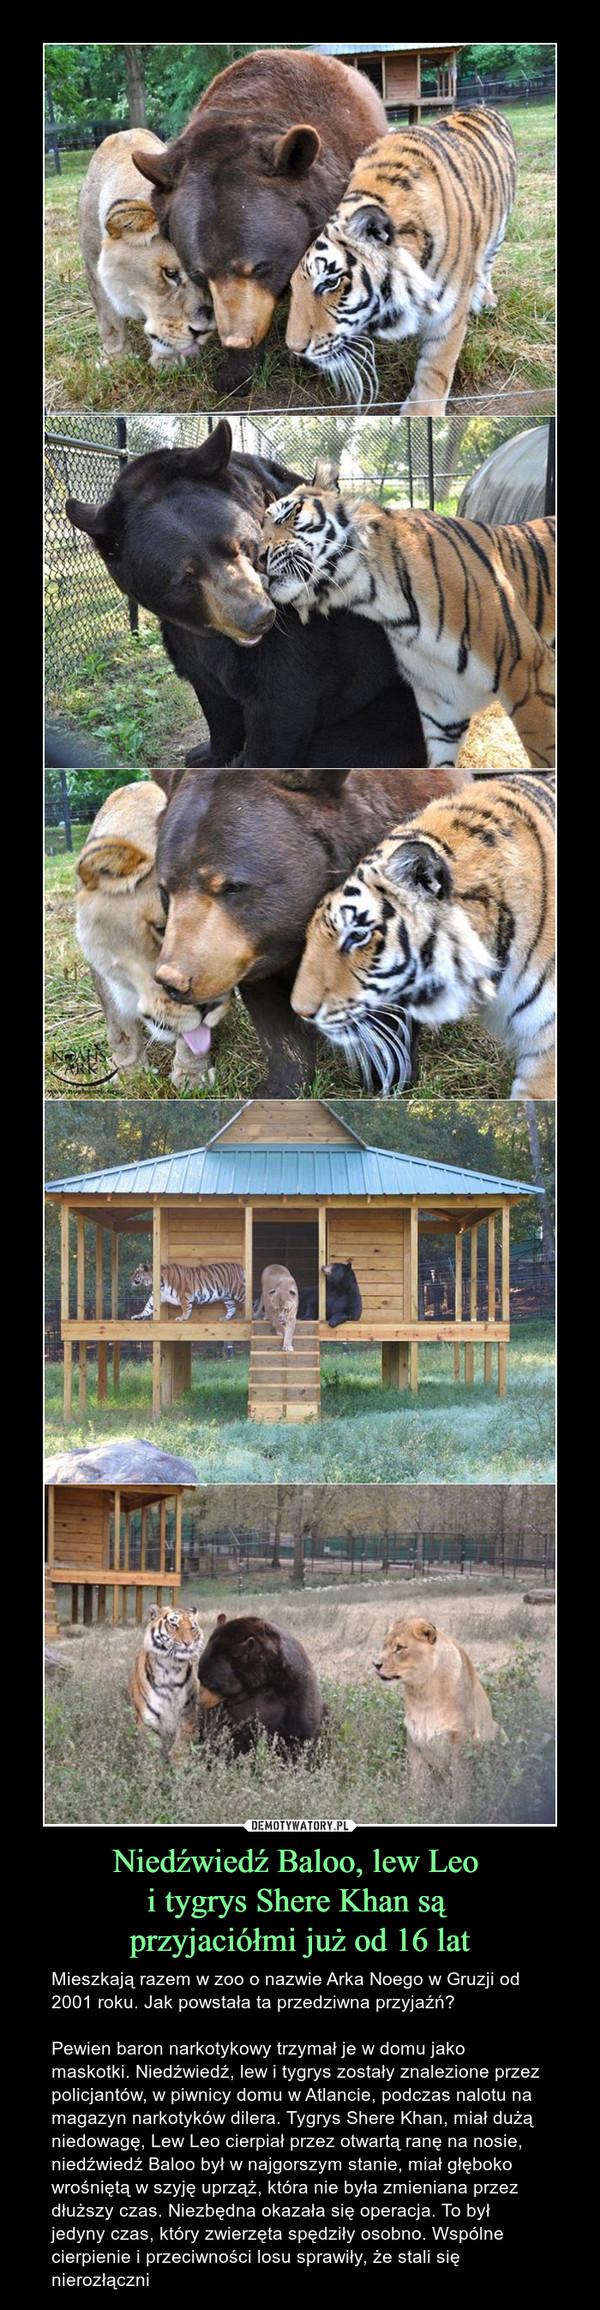 Niedźwiedź Baloo, lew Leo i tygrys Shere Khan są przyjaciółmi już od 16 lat – Mieszkają razem w zoo o nazwie Arka Noego w Gruzji od 2001 roku. Jak powstała ta przedziwna przyjaźń? Pewien baron narkotykowy trzymał je w domu jako maskotki. Niedźwiedź, lew i tygrys zostały znalezione przez policjantów, w piwnicy domu w Atlancie, podczas nalotu na magazyn narkotyków dilera. Tygrys Shere Khan, miał dużą niedowagę, Lew Leo cierpiał przez otwartą ranę na nosie, niedźwiedź Baloo był w najgorszym stanie, miał głęboko wrośniętą w szyję uprząż, która nie była zmieniana przez dłuższy czas. Niezbędna okazała się operacja. To był jedyny czas, który zwierzęta spędziły osobno. Wspólne cierpienie i przeciwności losu sprawiły, że stali się nierozłączni